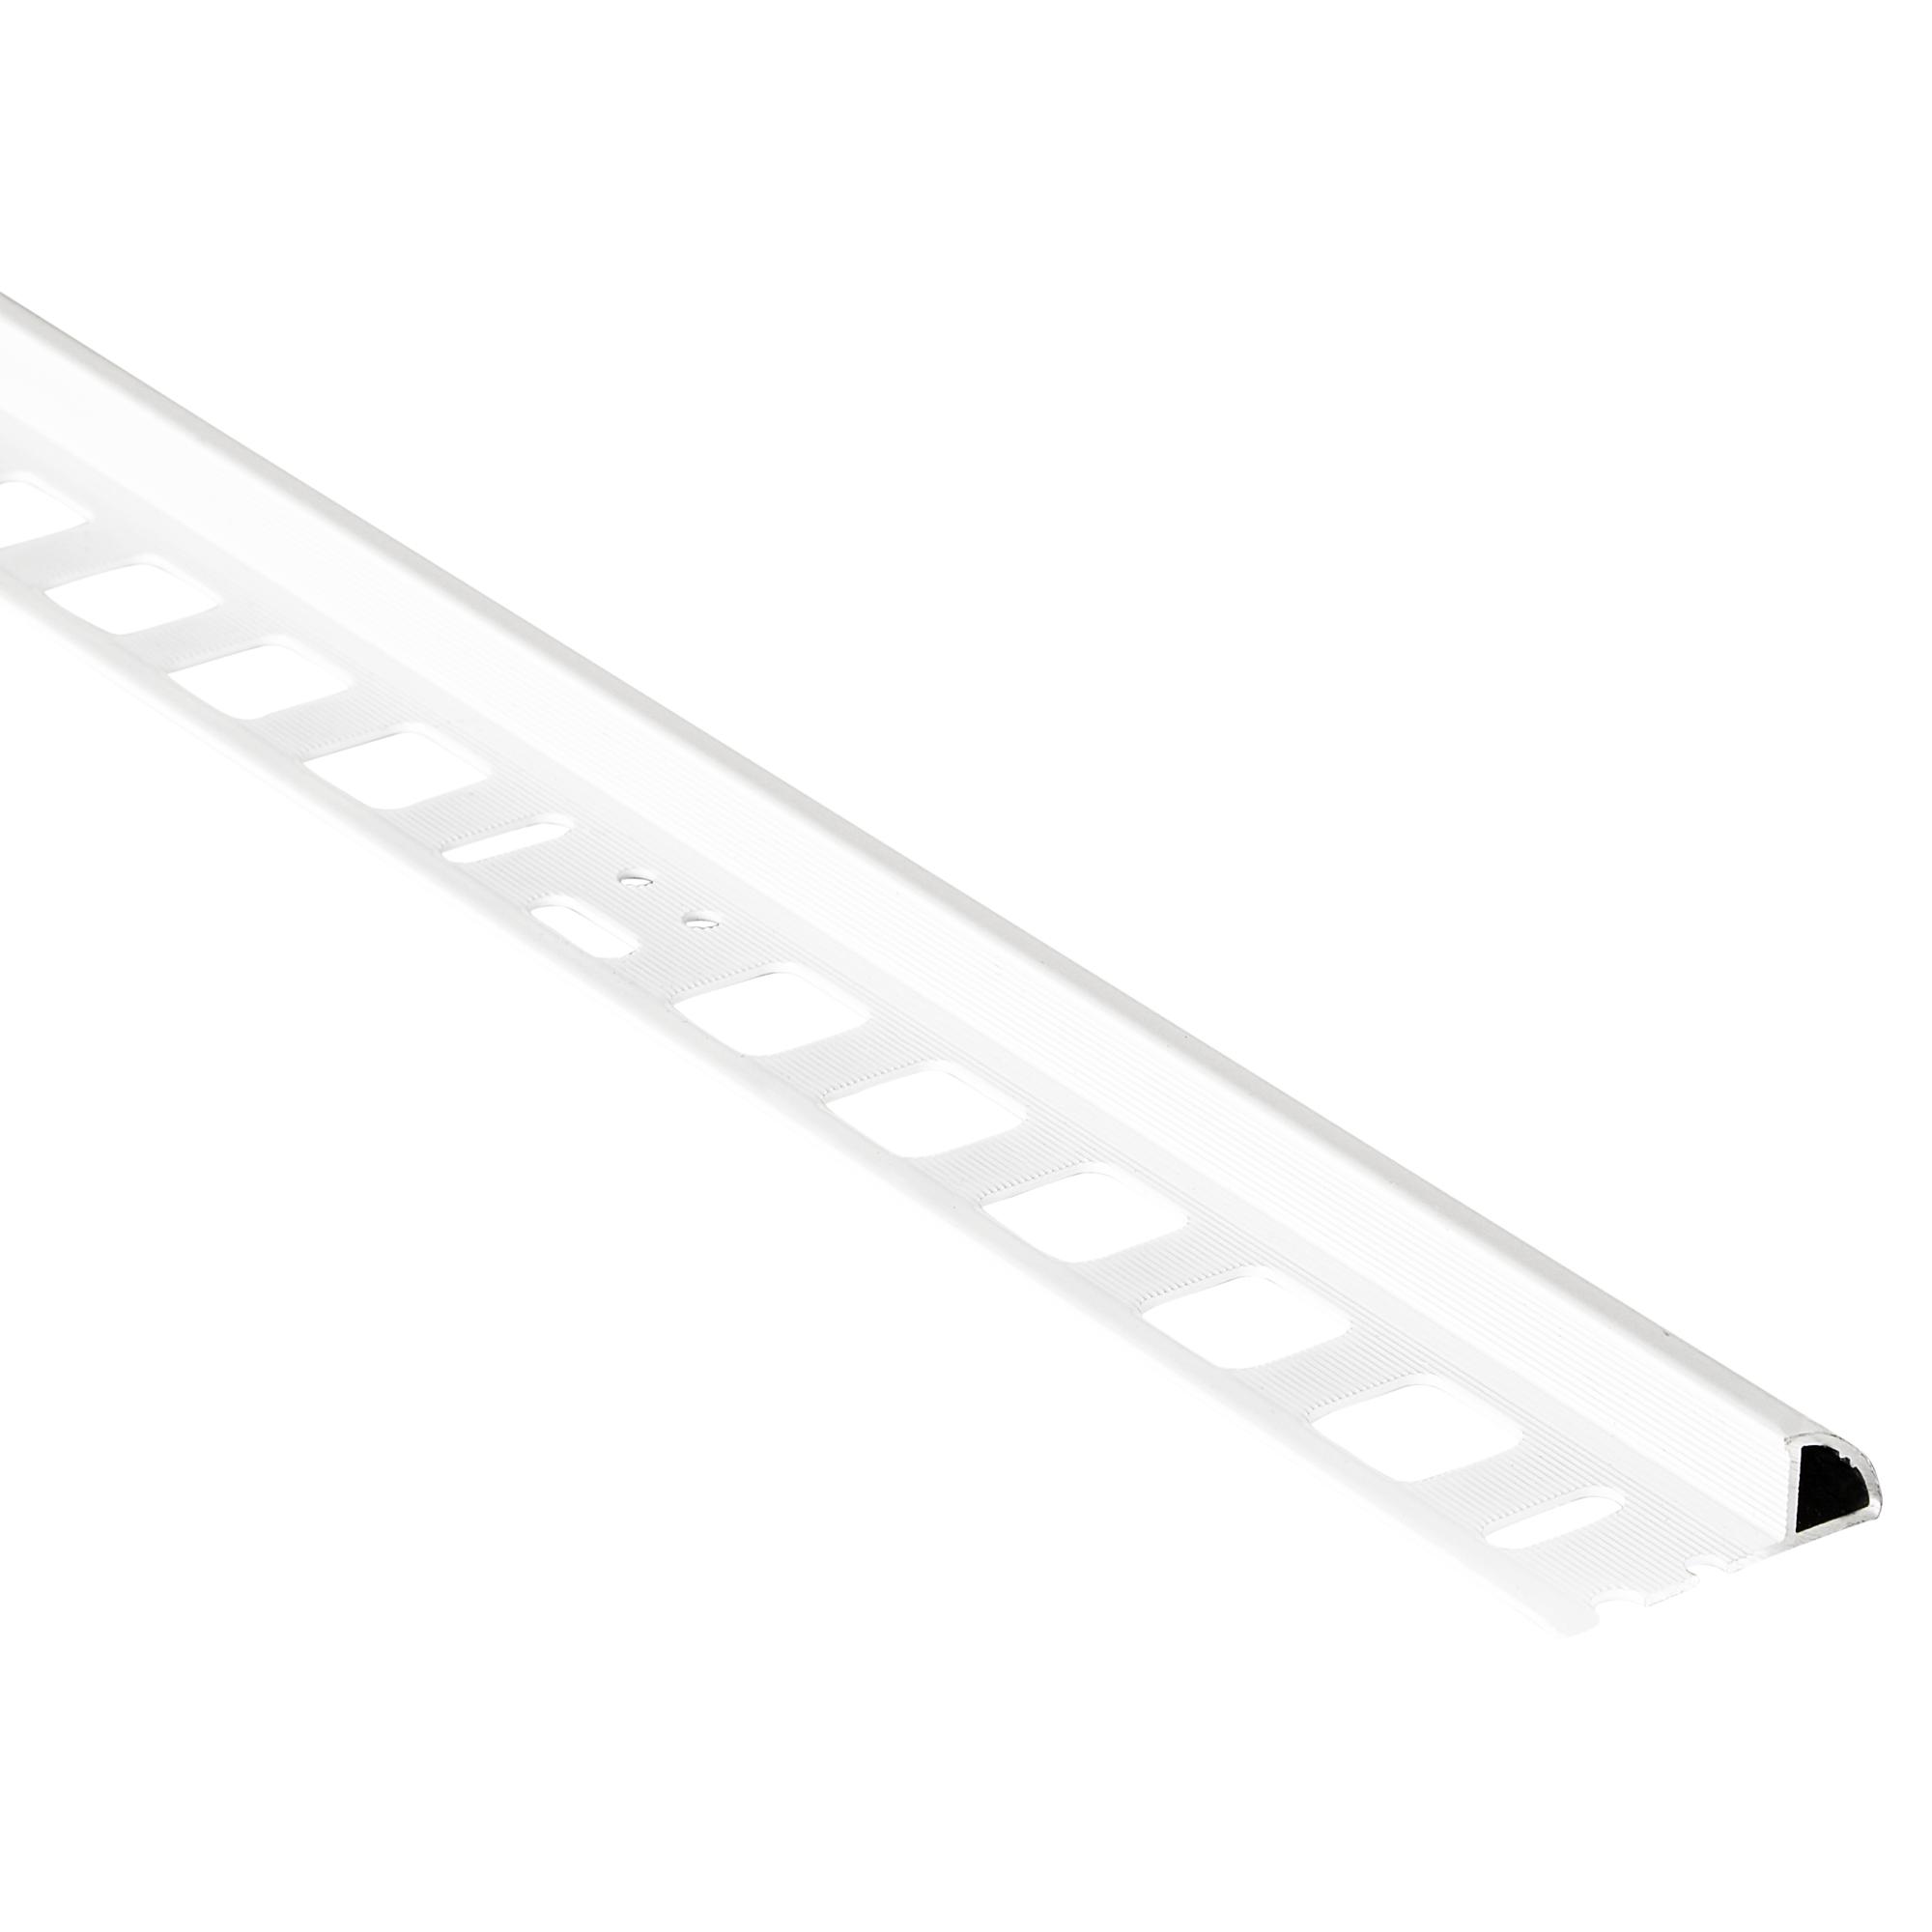 Alfer Viertelkreisprofil Aluminium weiß 8 x 8 mm